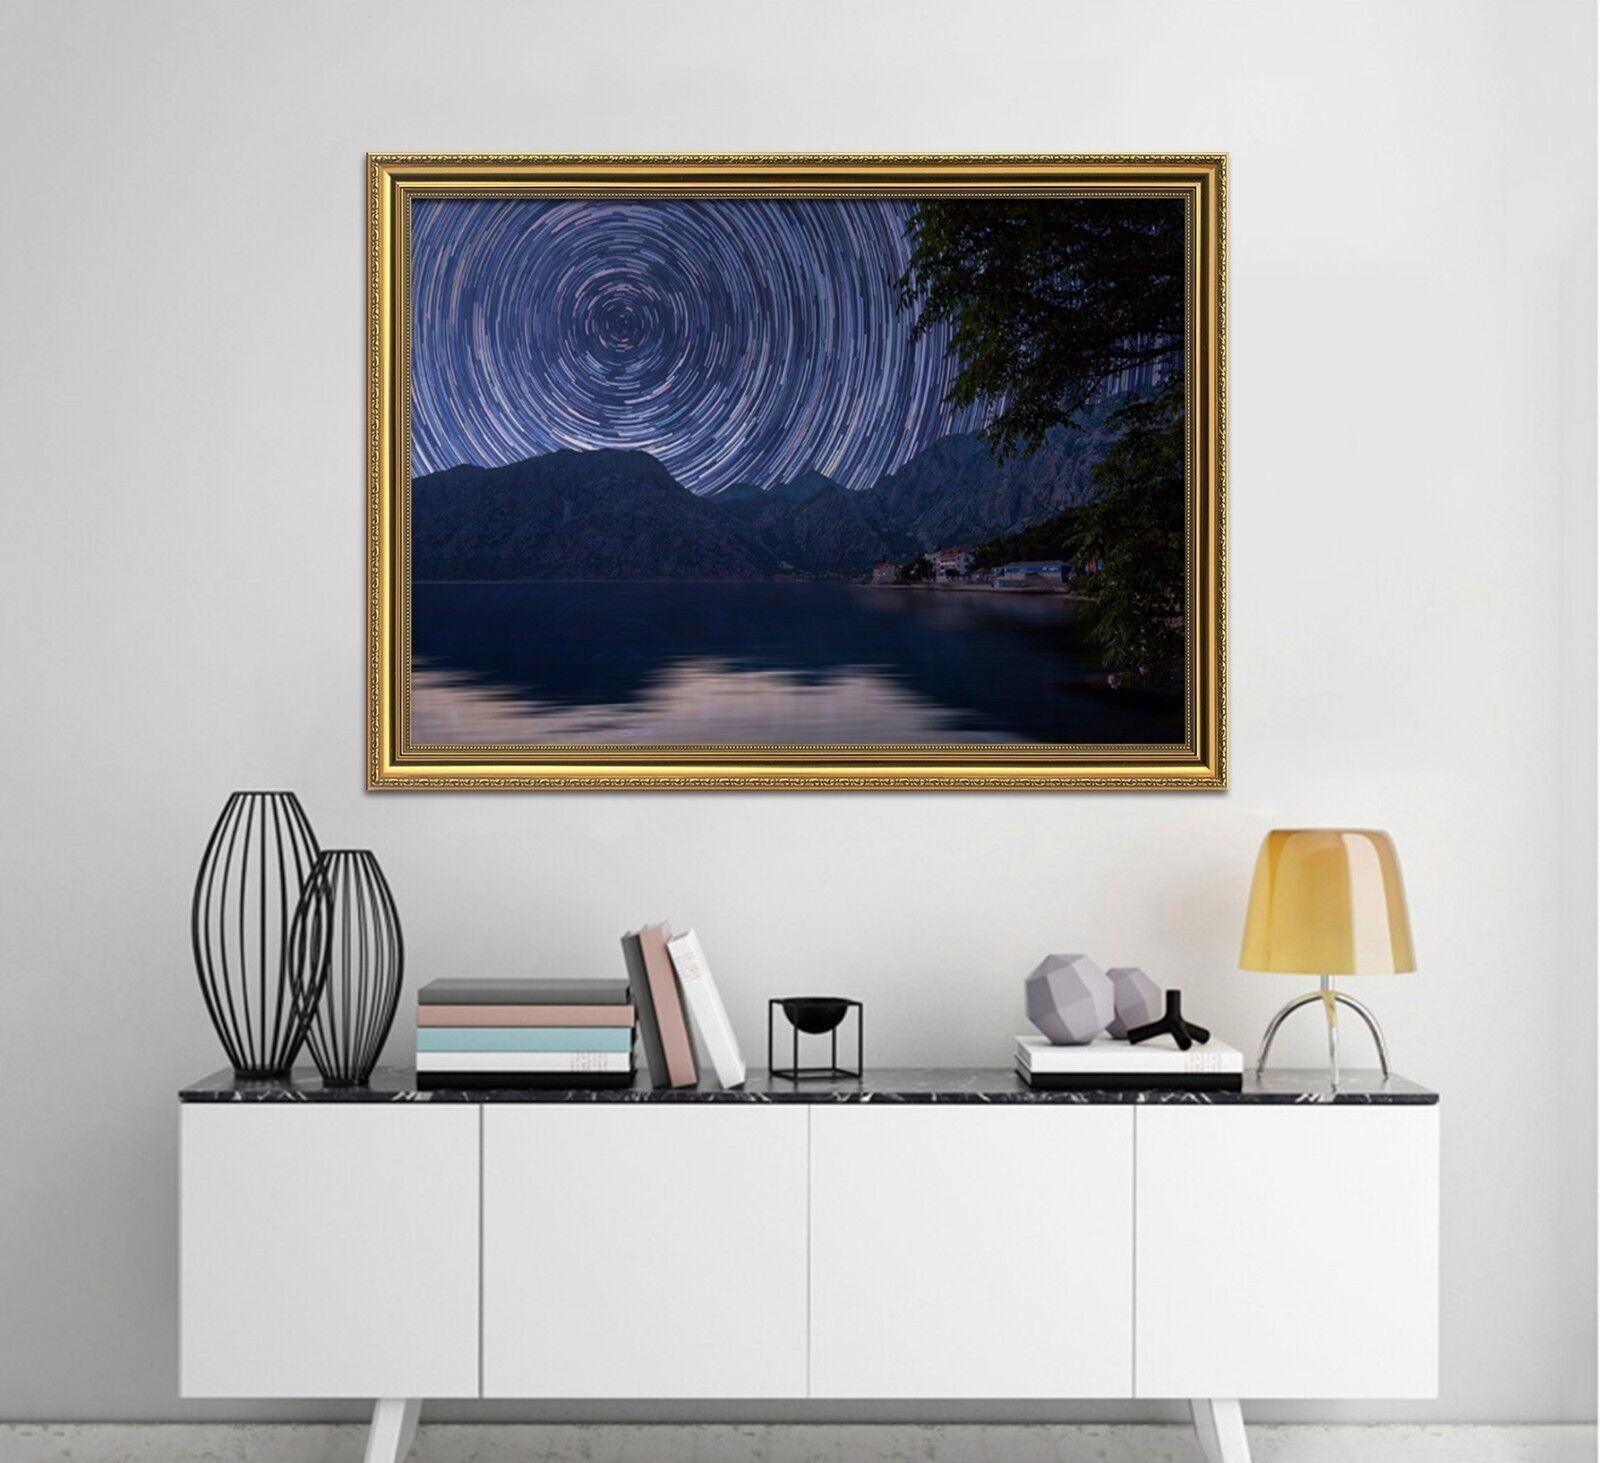 3D Ducha 1 Póster Enmarcado Paisaje Meteor Decoración del Hogar Pintura de Impresión Arte Wallpaper